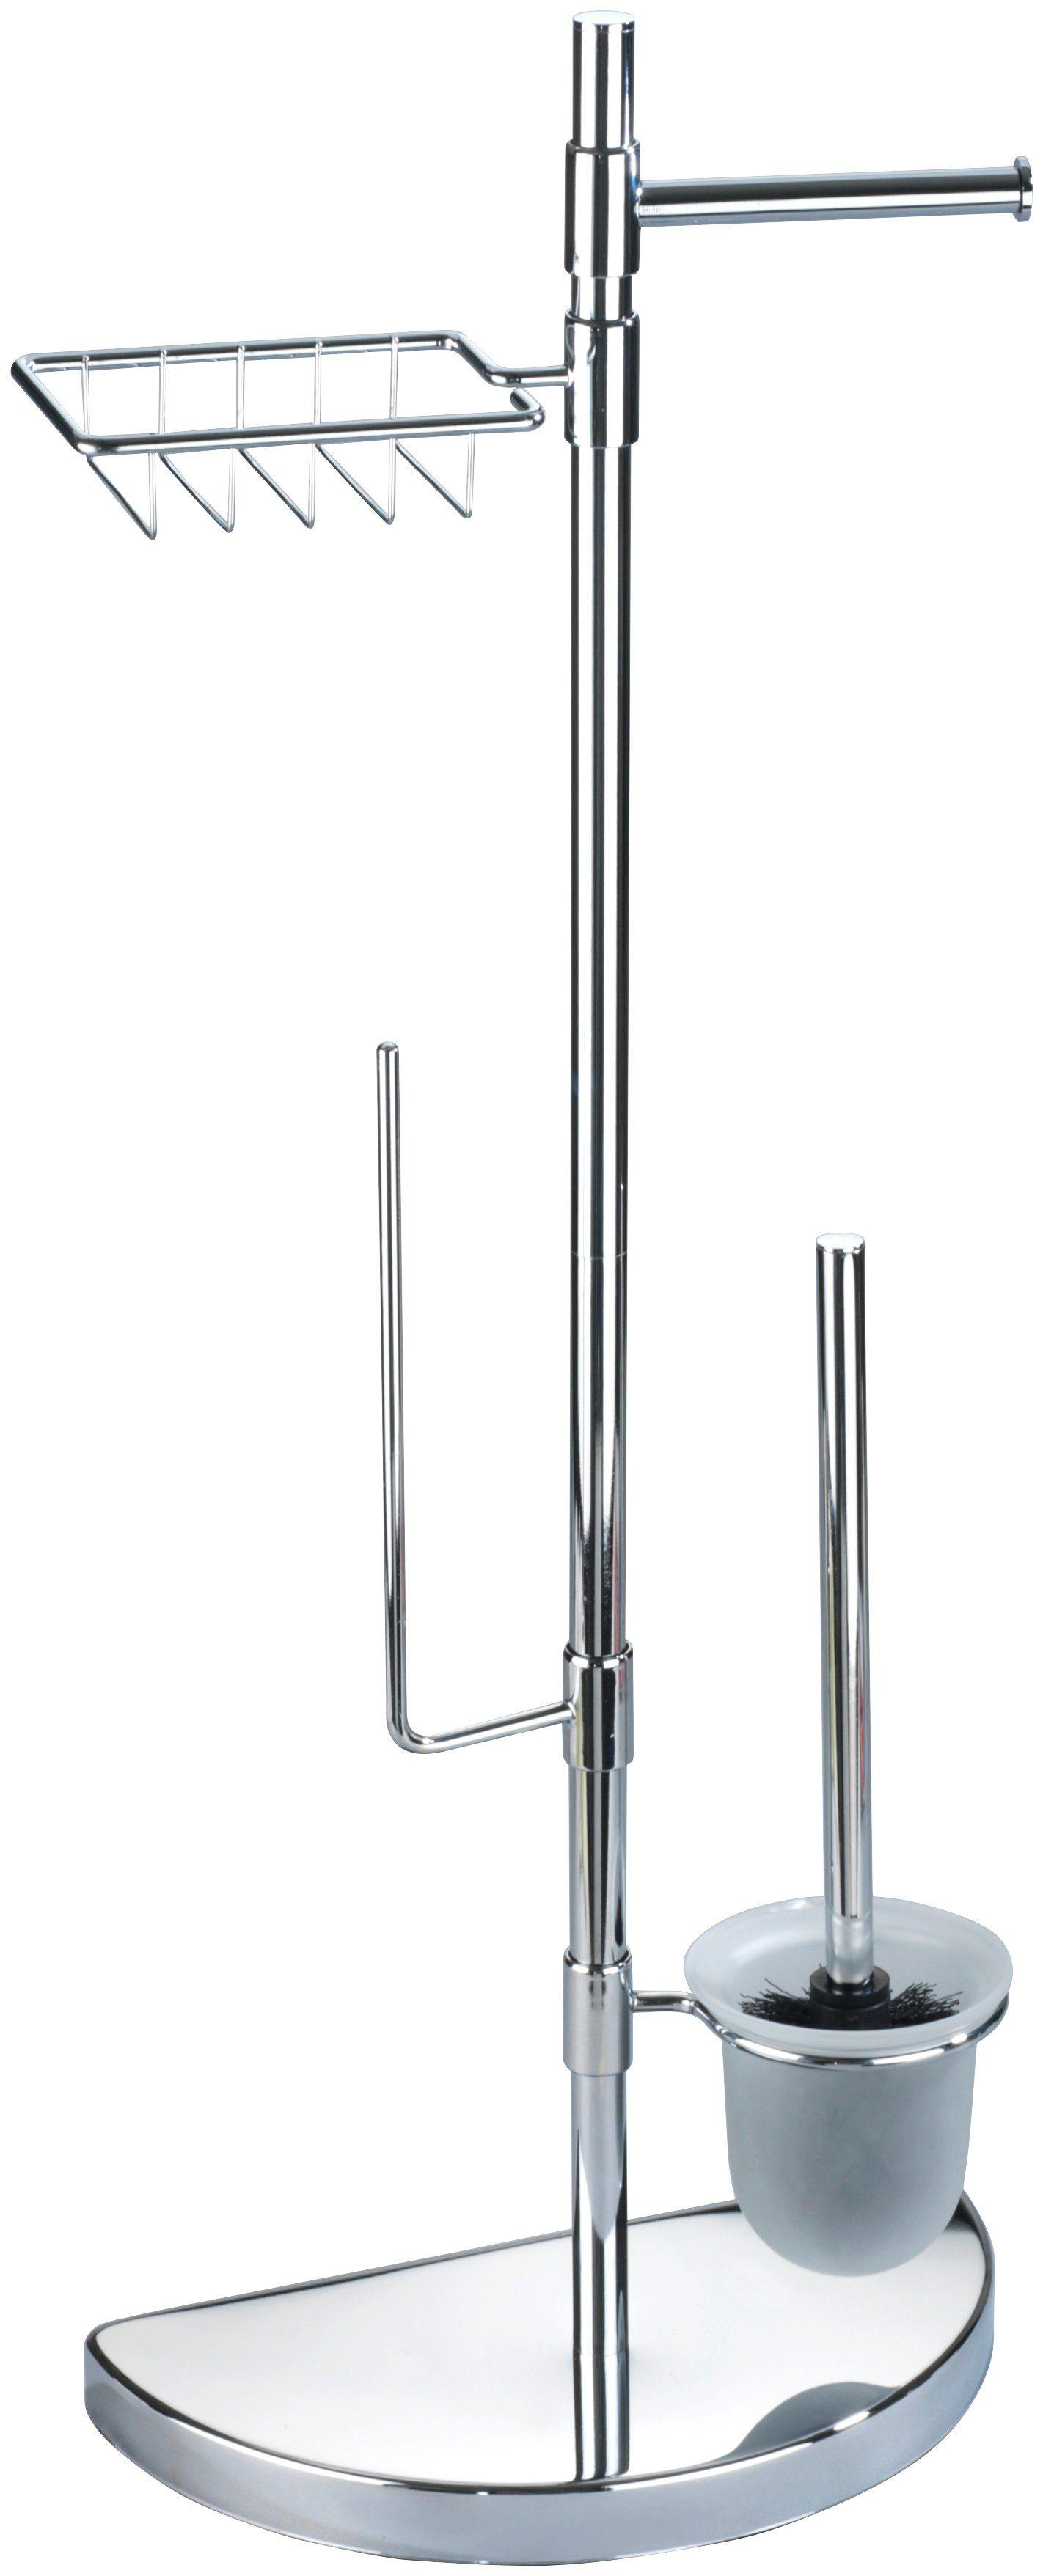 WC-Garnitur »Raumsparwunder«